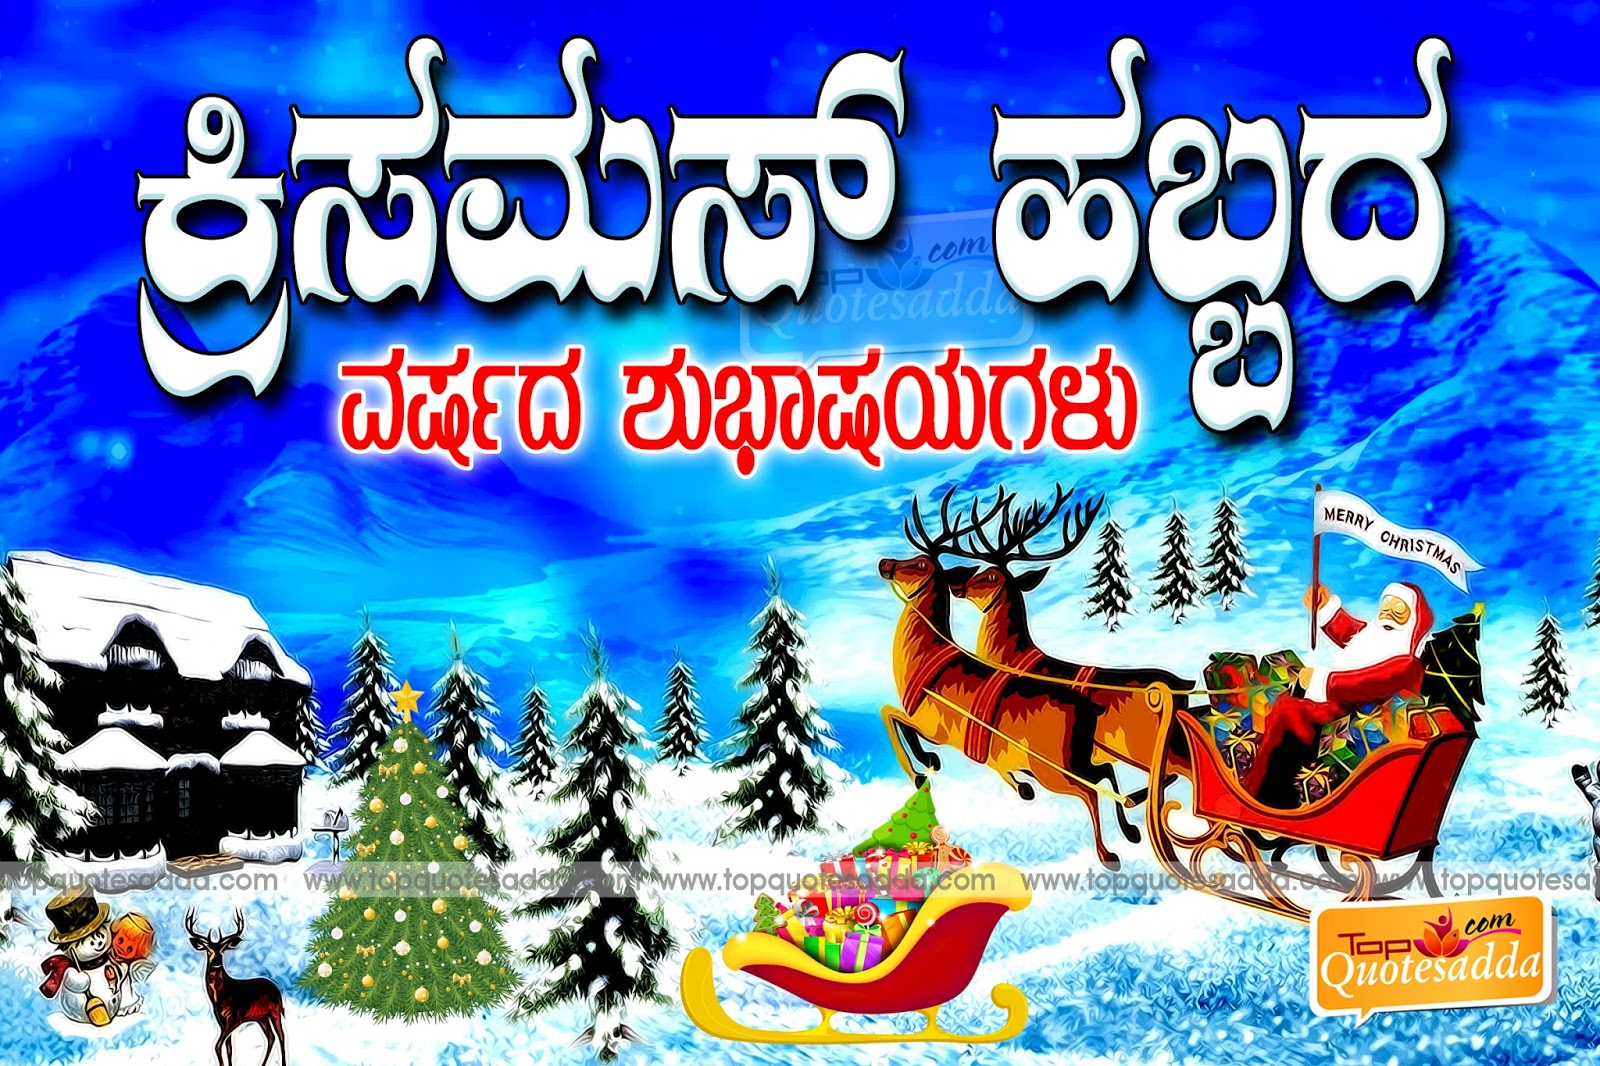 Kannada Happy Christmas Greetings And Wishes Topquotesadda